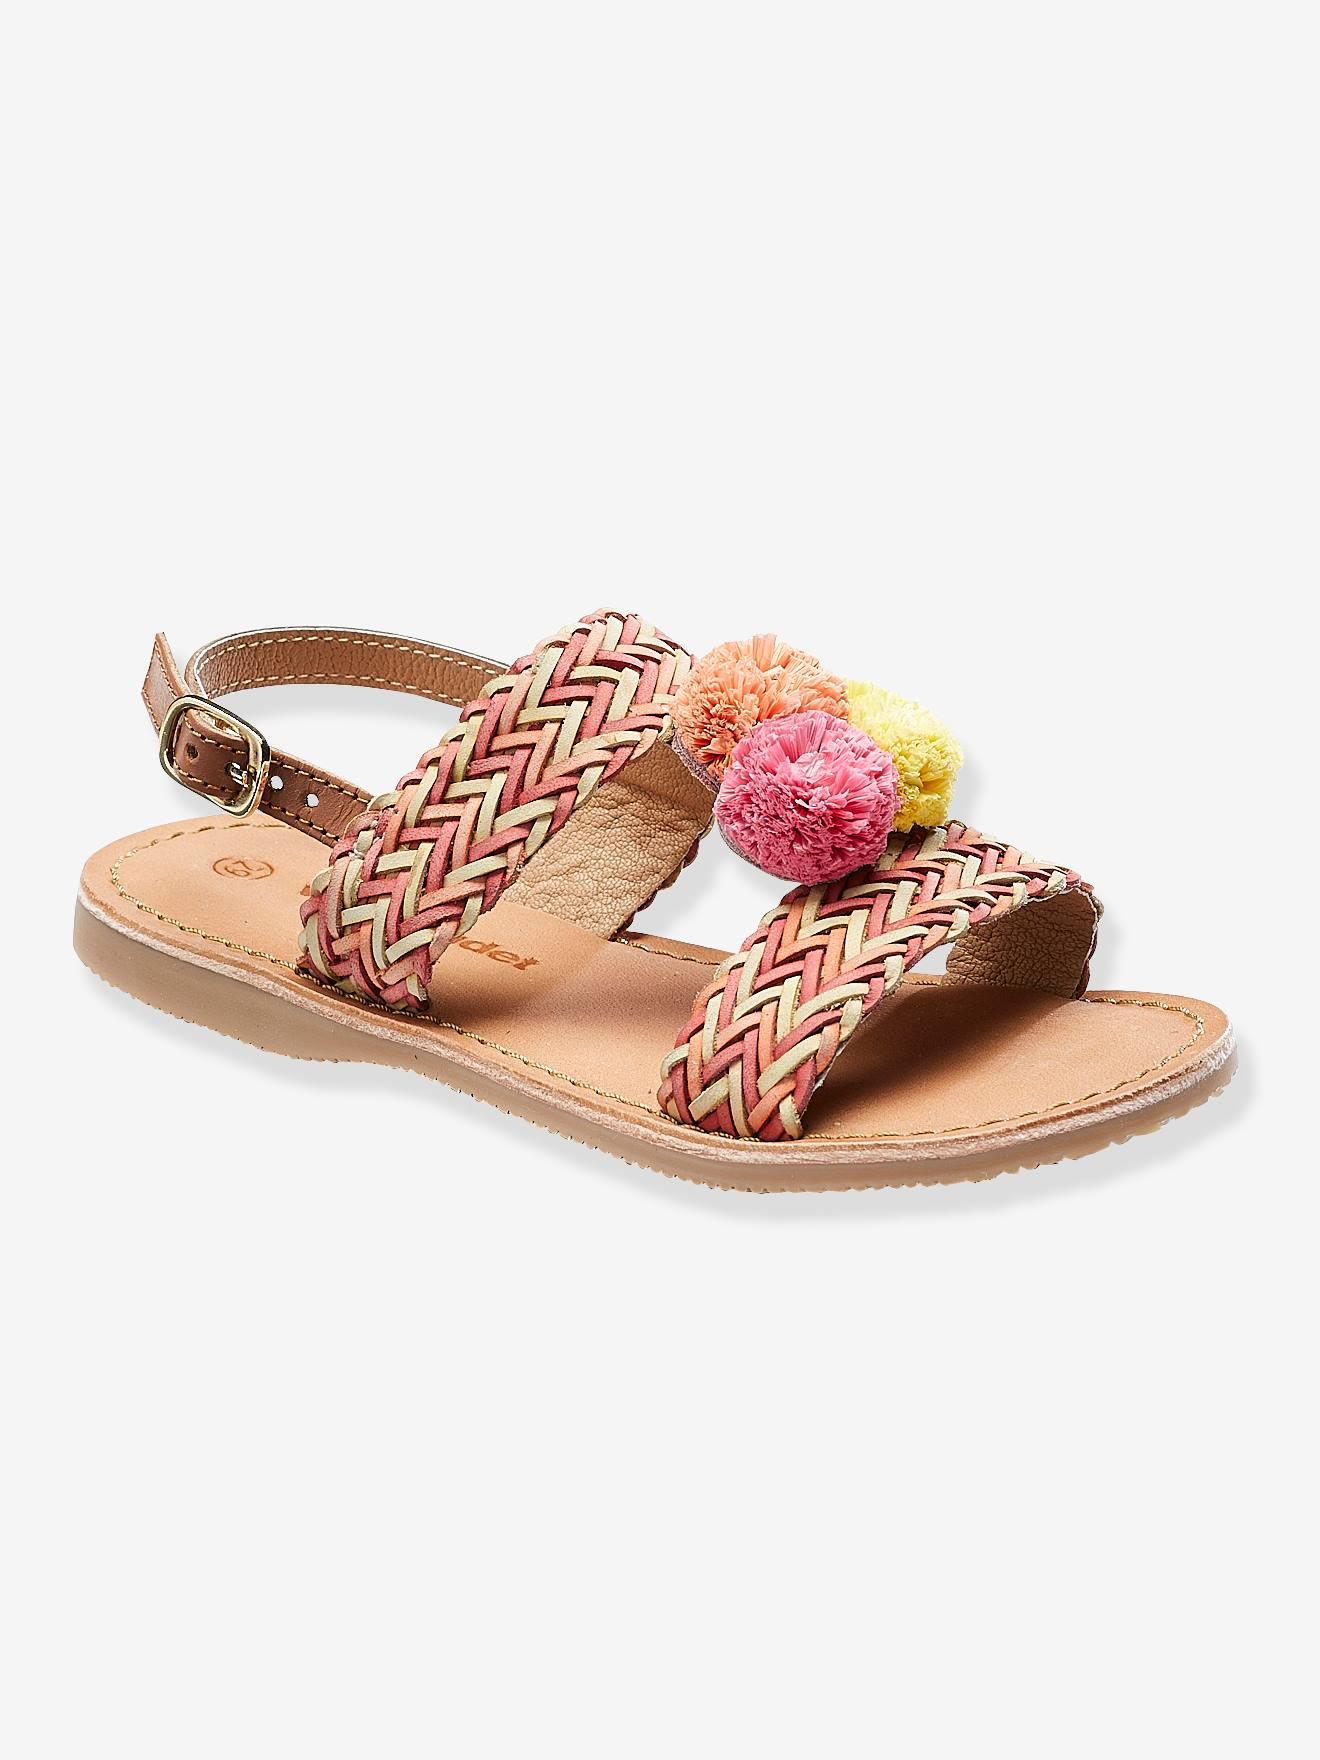 Sandálias em pele com pompons, para menina Calçado Vertbaudet   vertbaudet.pt